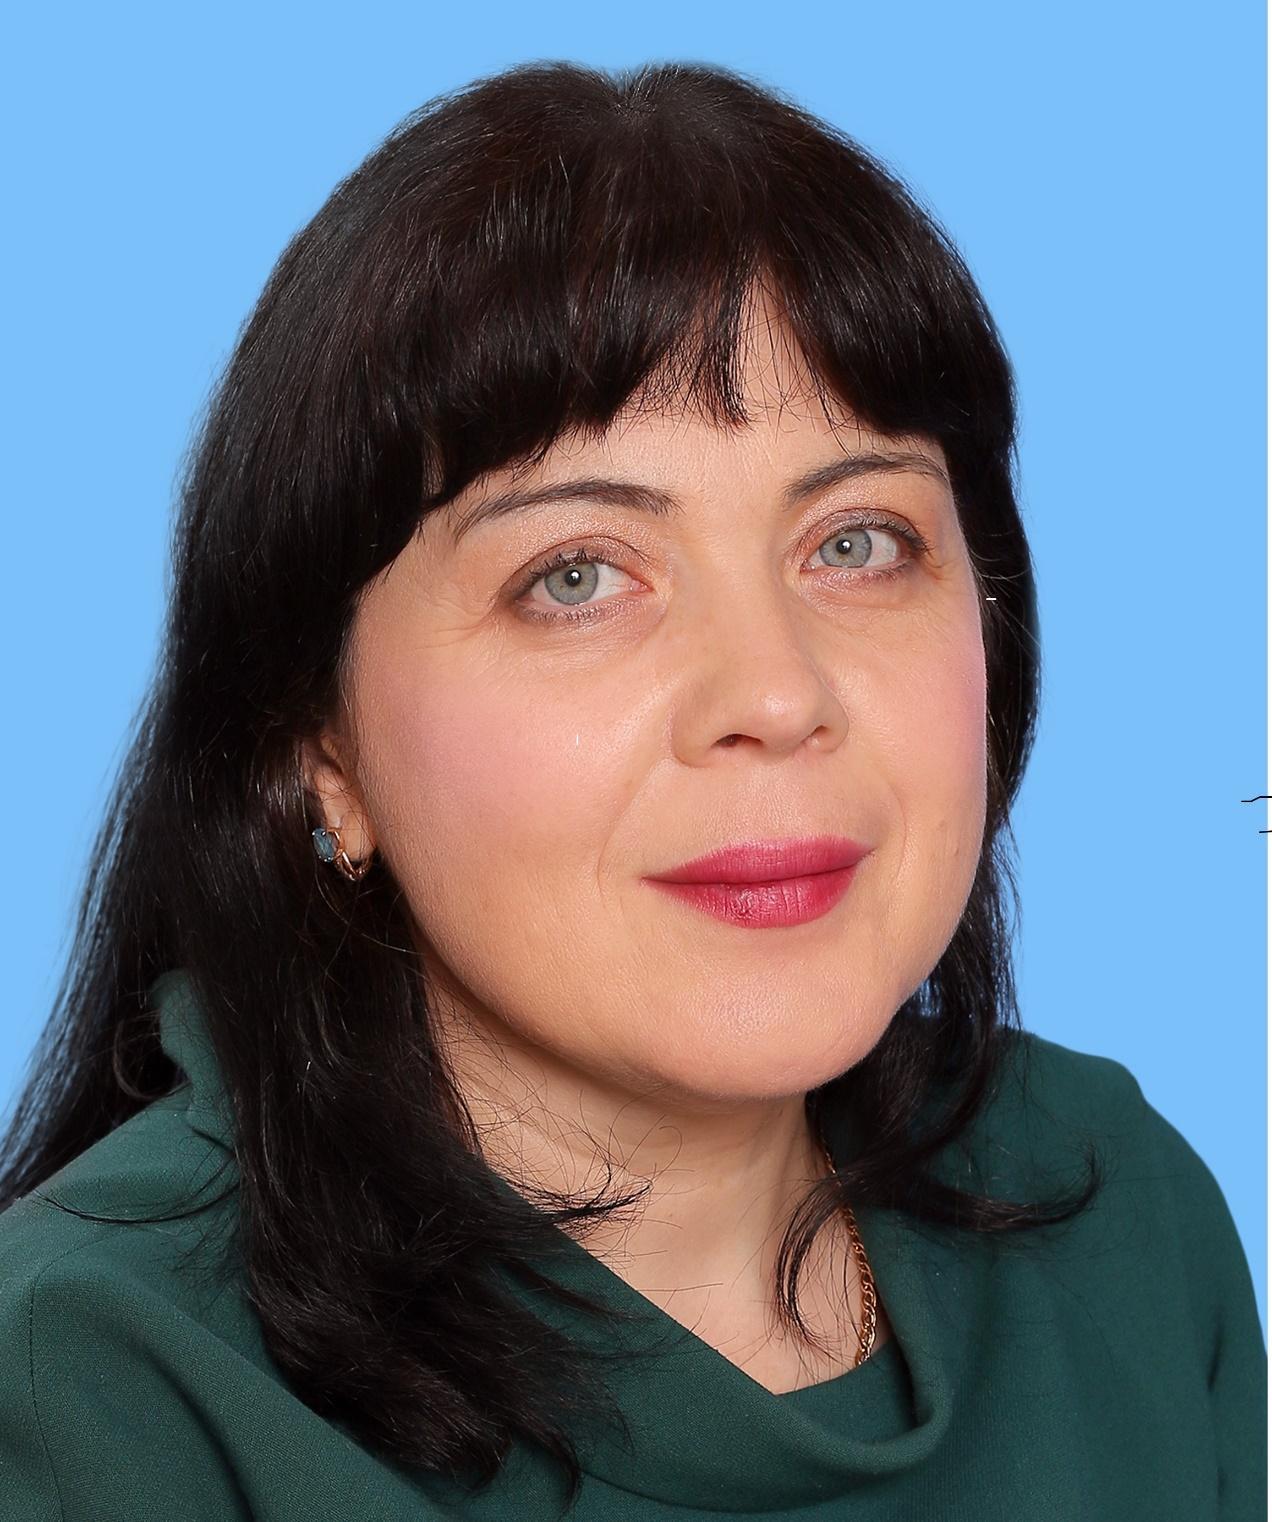 C:\Users\Татьяна\Desktop\Психолог 2020\Портрет Лаврова Т.В.jpg